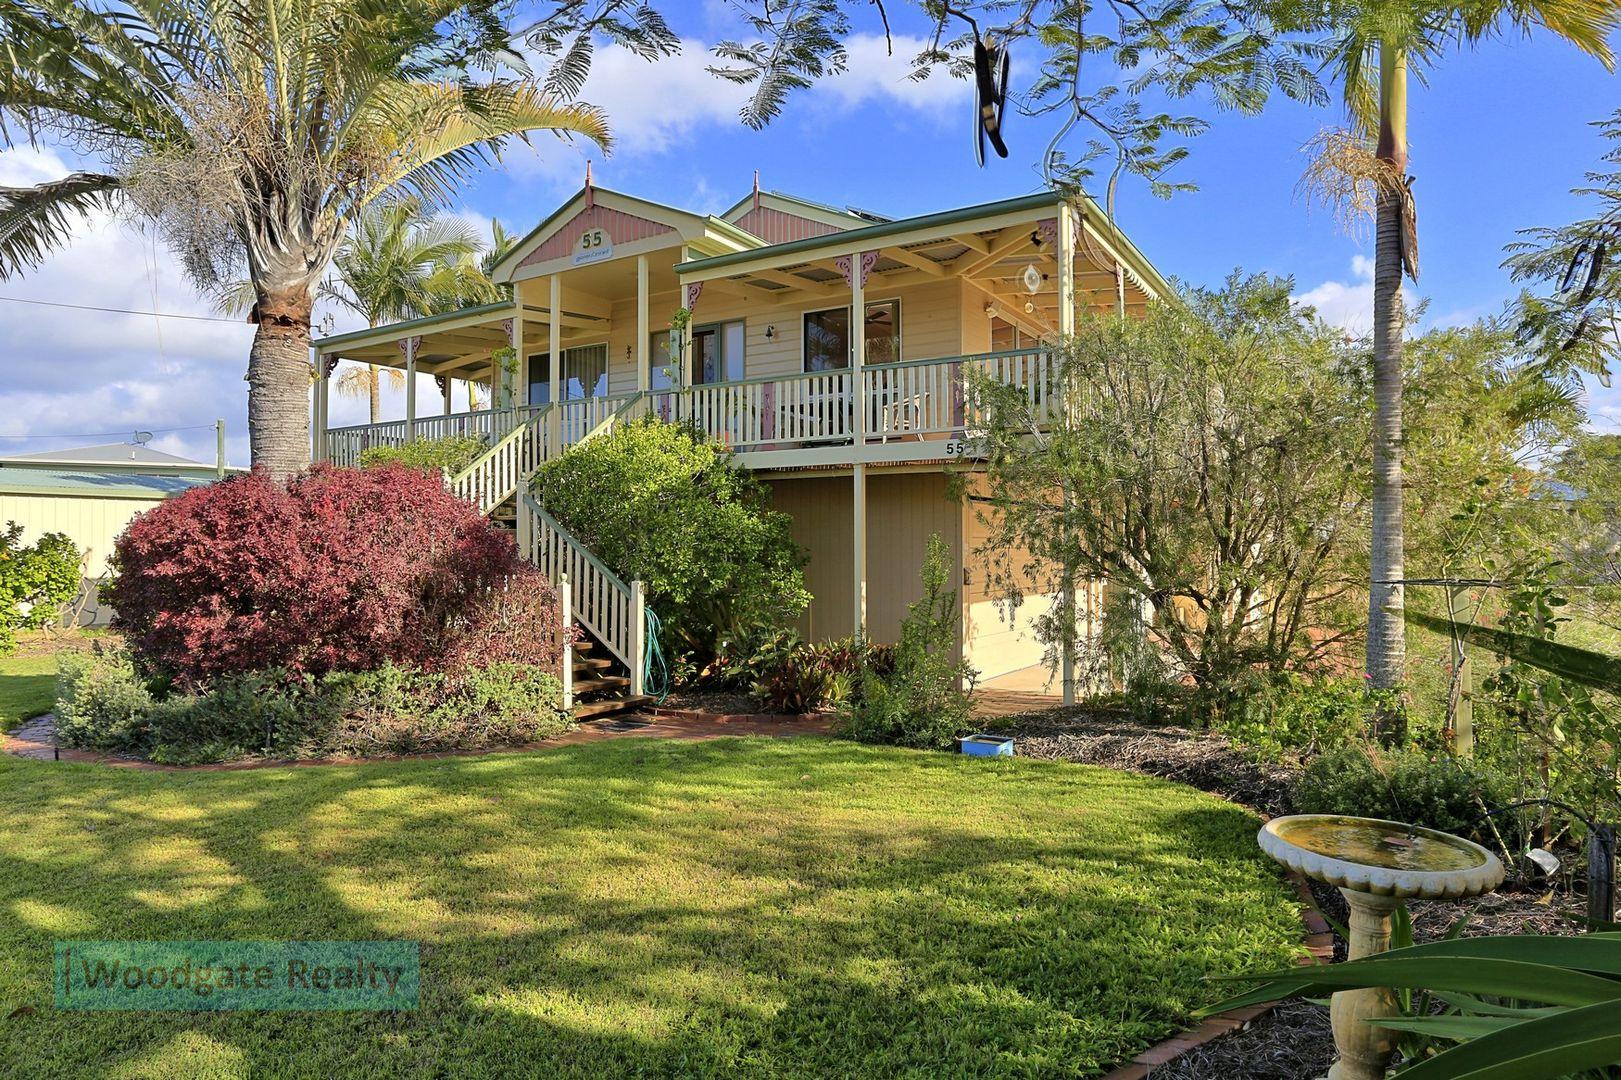 55 Mackerel St, Woodgate QLD 4660, Image 0